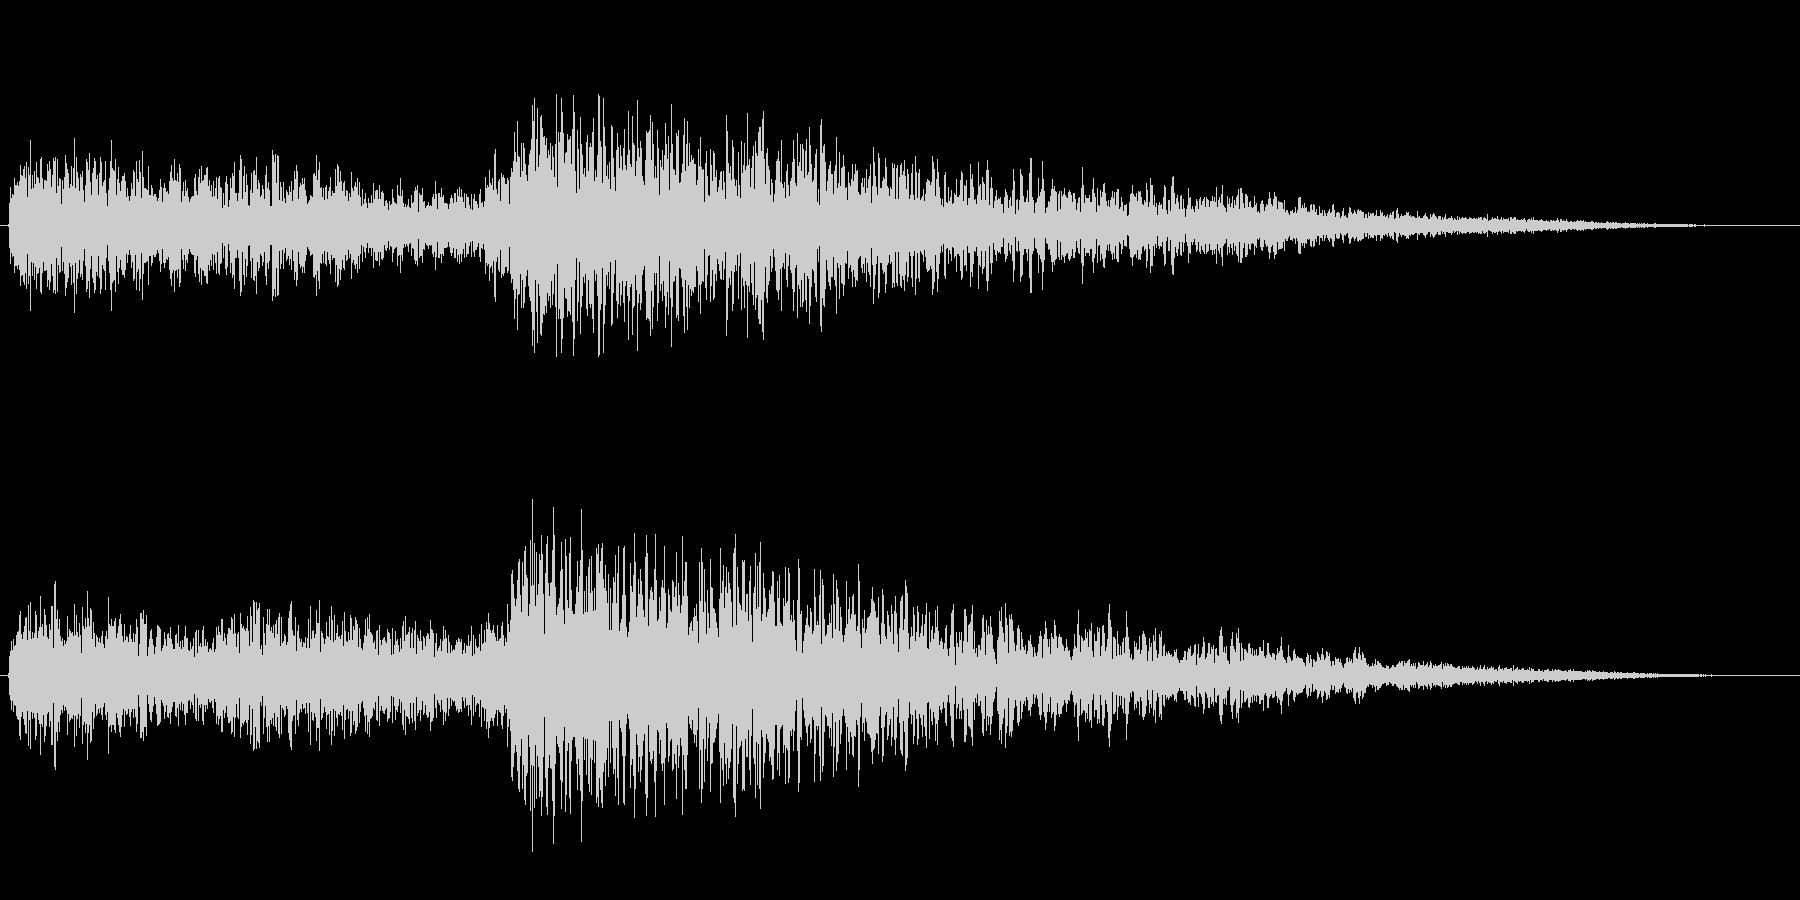 「ガーン ドカーン(アクセント音)」の未再生の波形